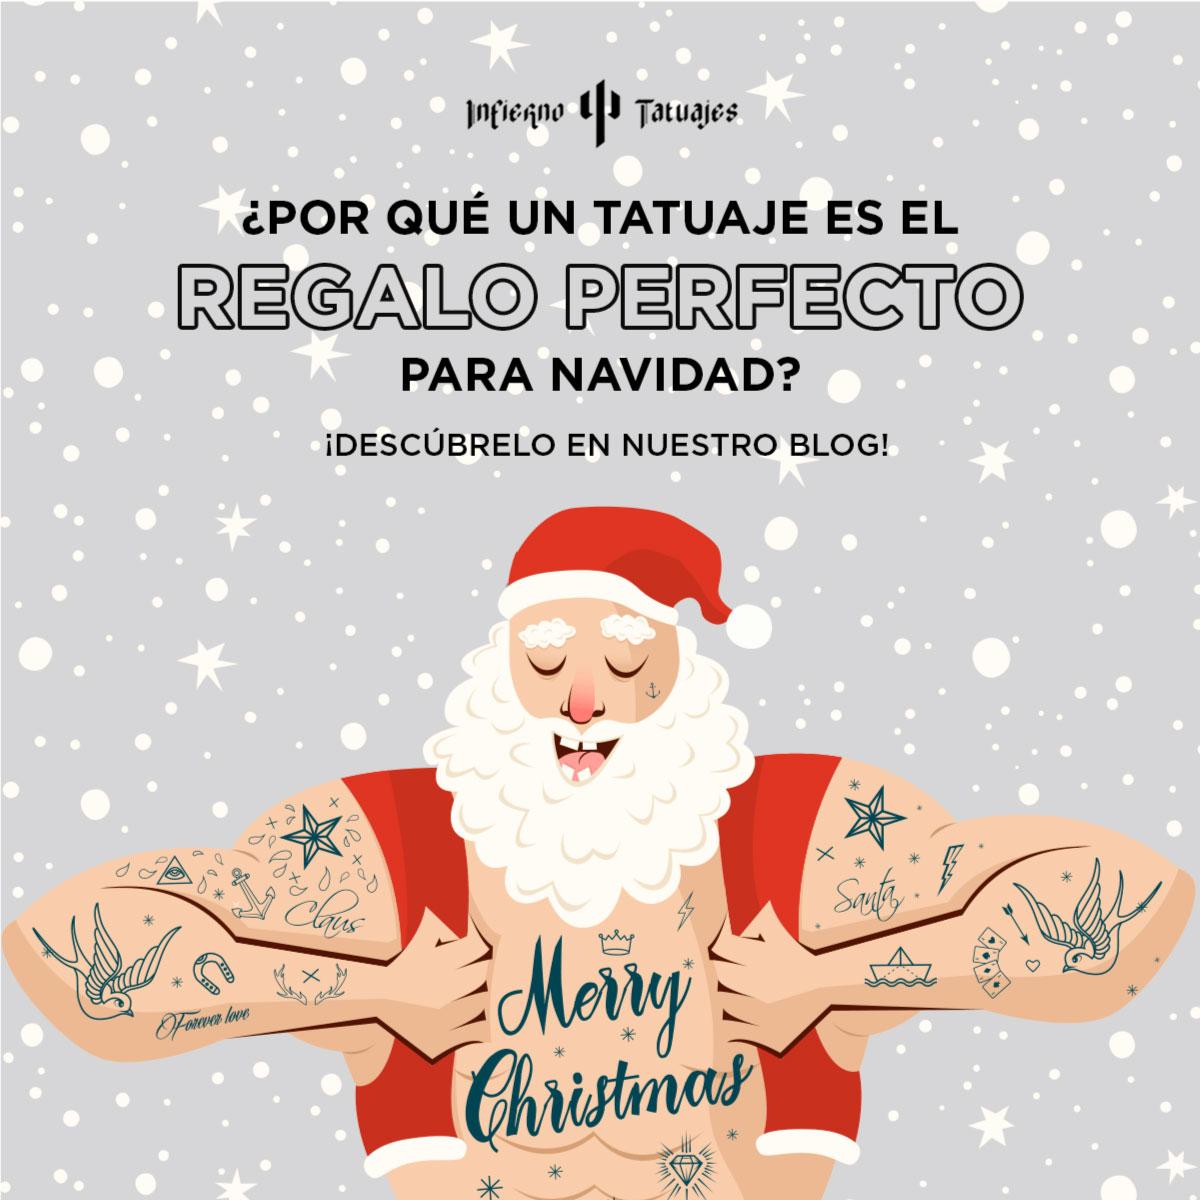 porque un tatuaje es el regalo perfecto para navidad